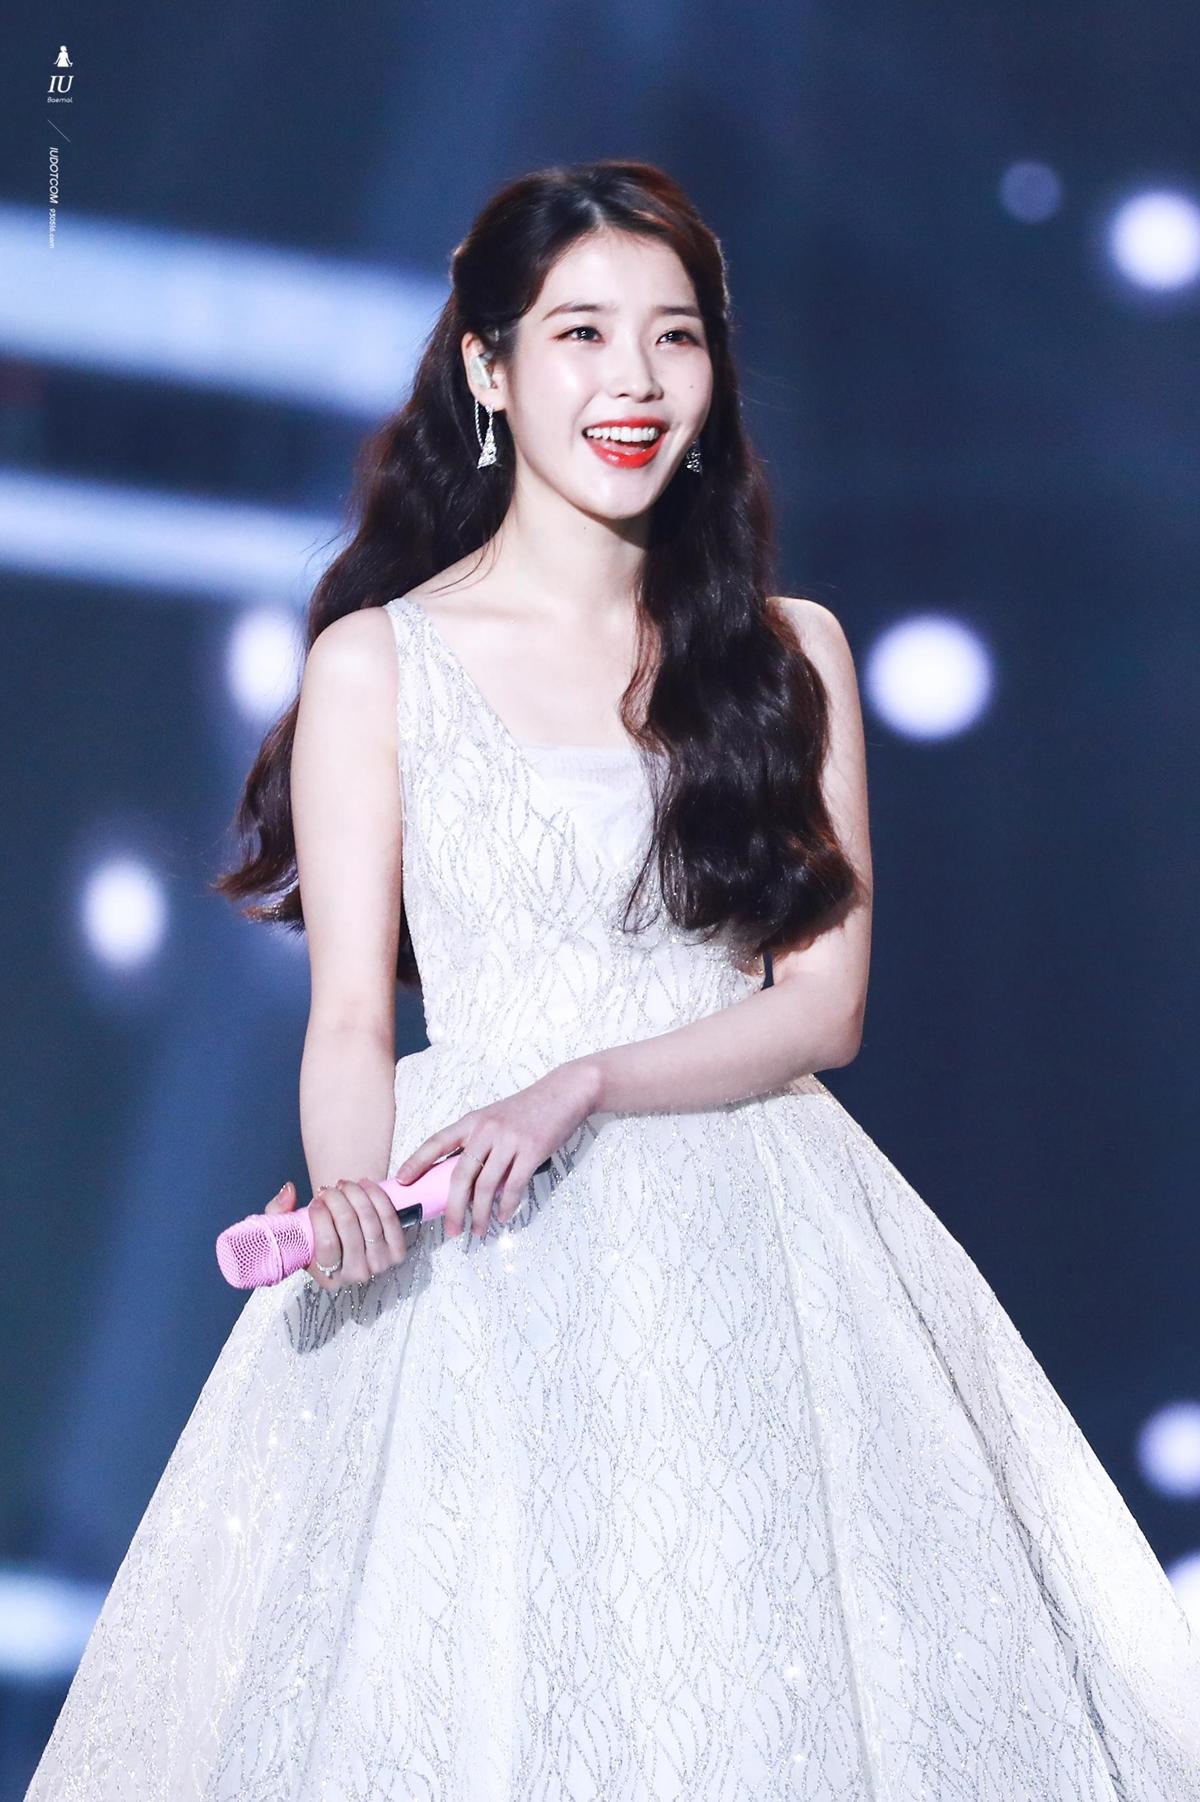 IU và khoảnh khắc tỏa sáng tại Melon Music Awards 2017.